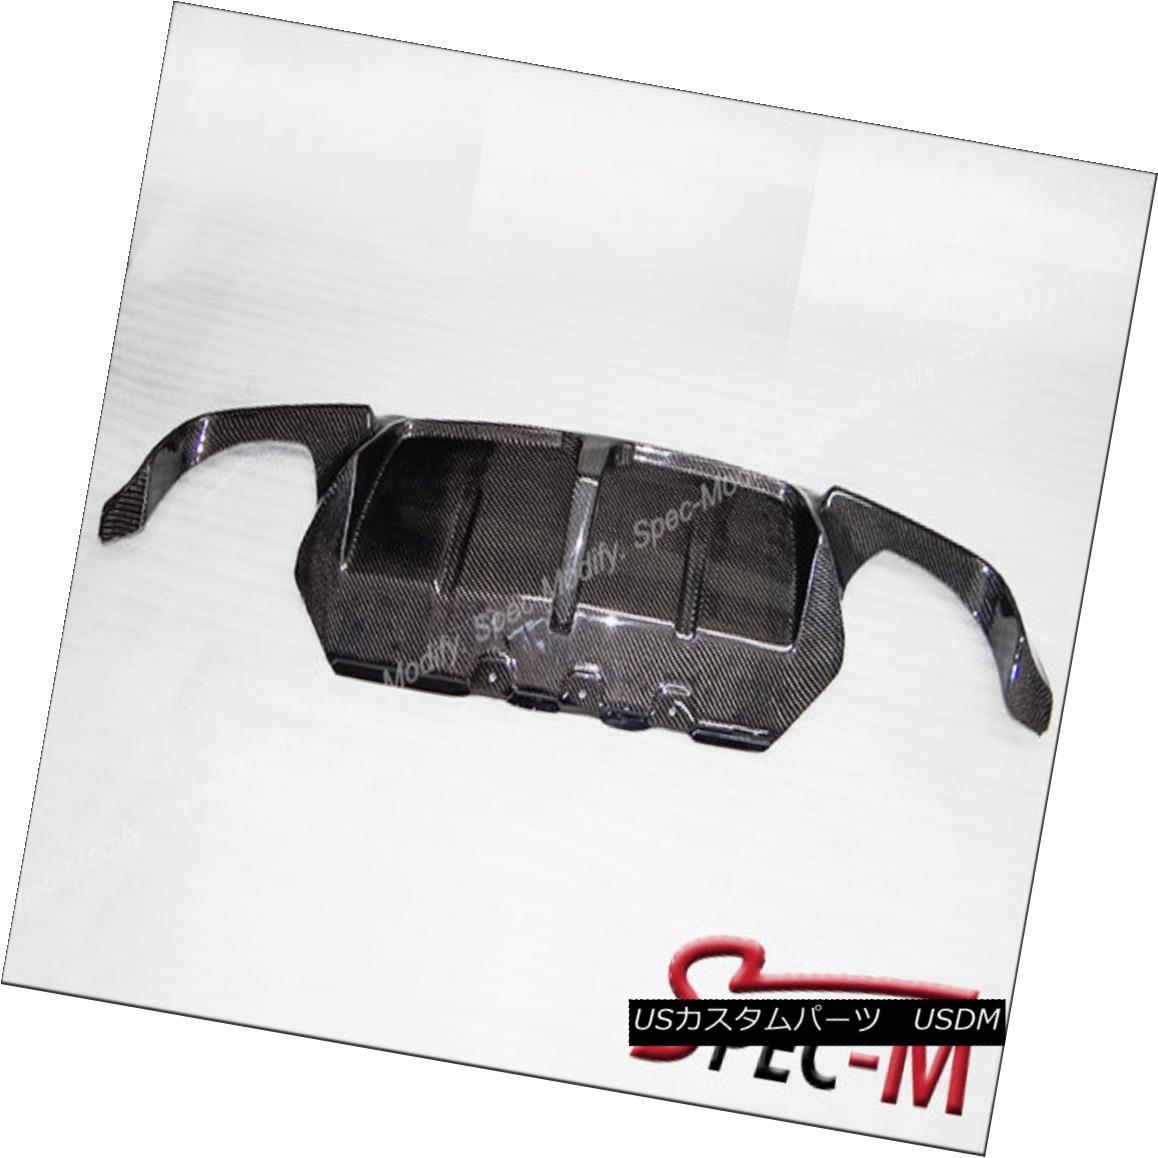 エアロパーツ 12-15 BMW F10 5 Series M5 Only 3D Style Carbon Fiber Rear Bumper CF Diffuser 12-15 BMW F10 5シリーズM5 3DスタイルカーボンファイバーリアバンパーCFディフューザー